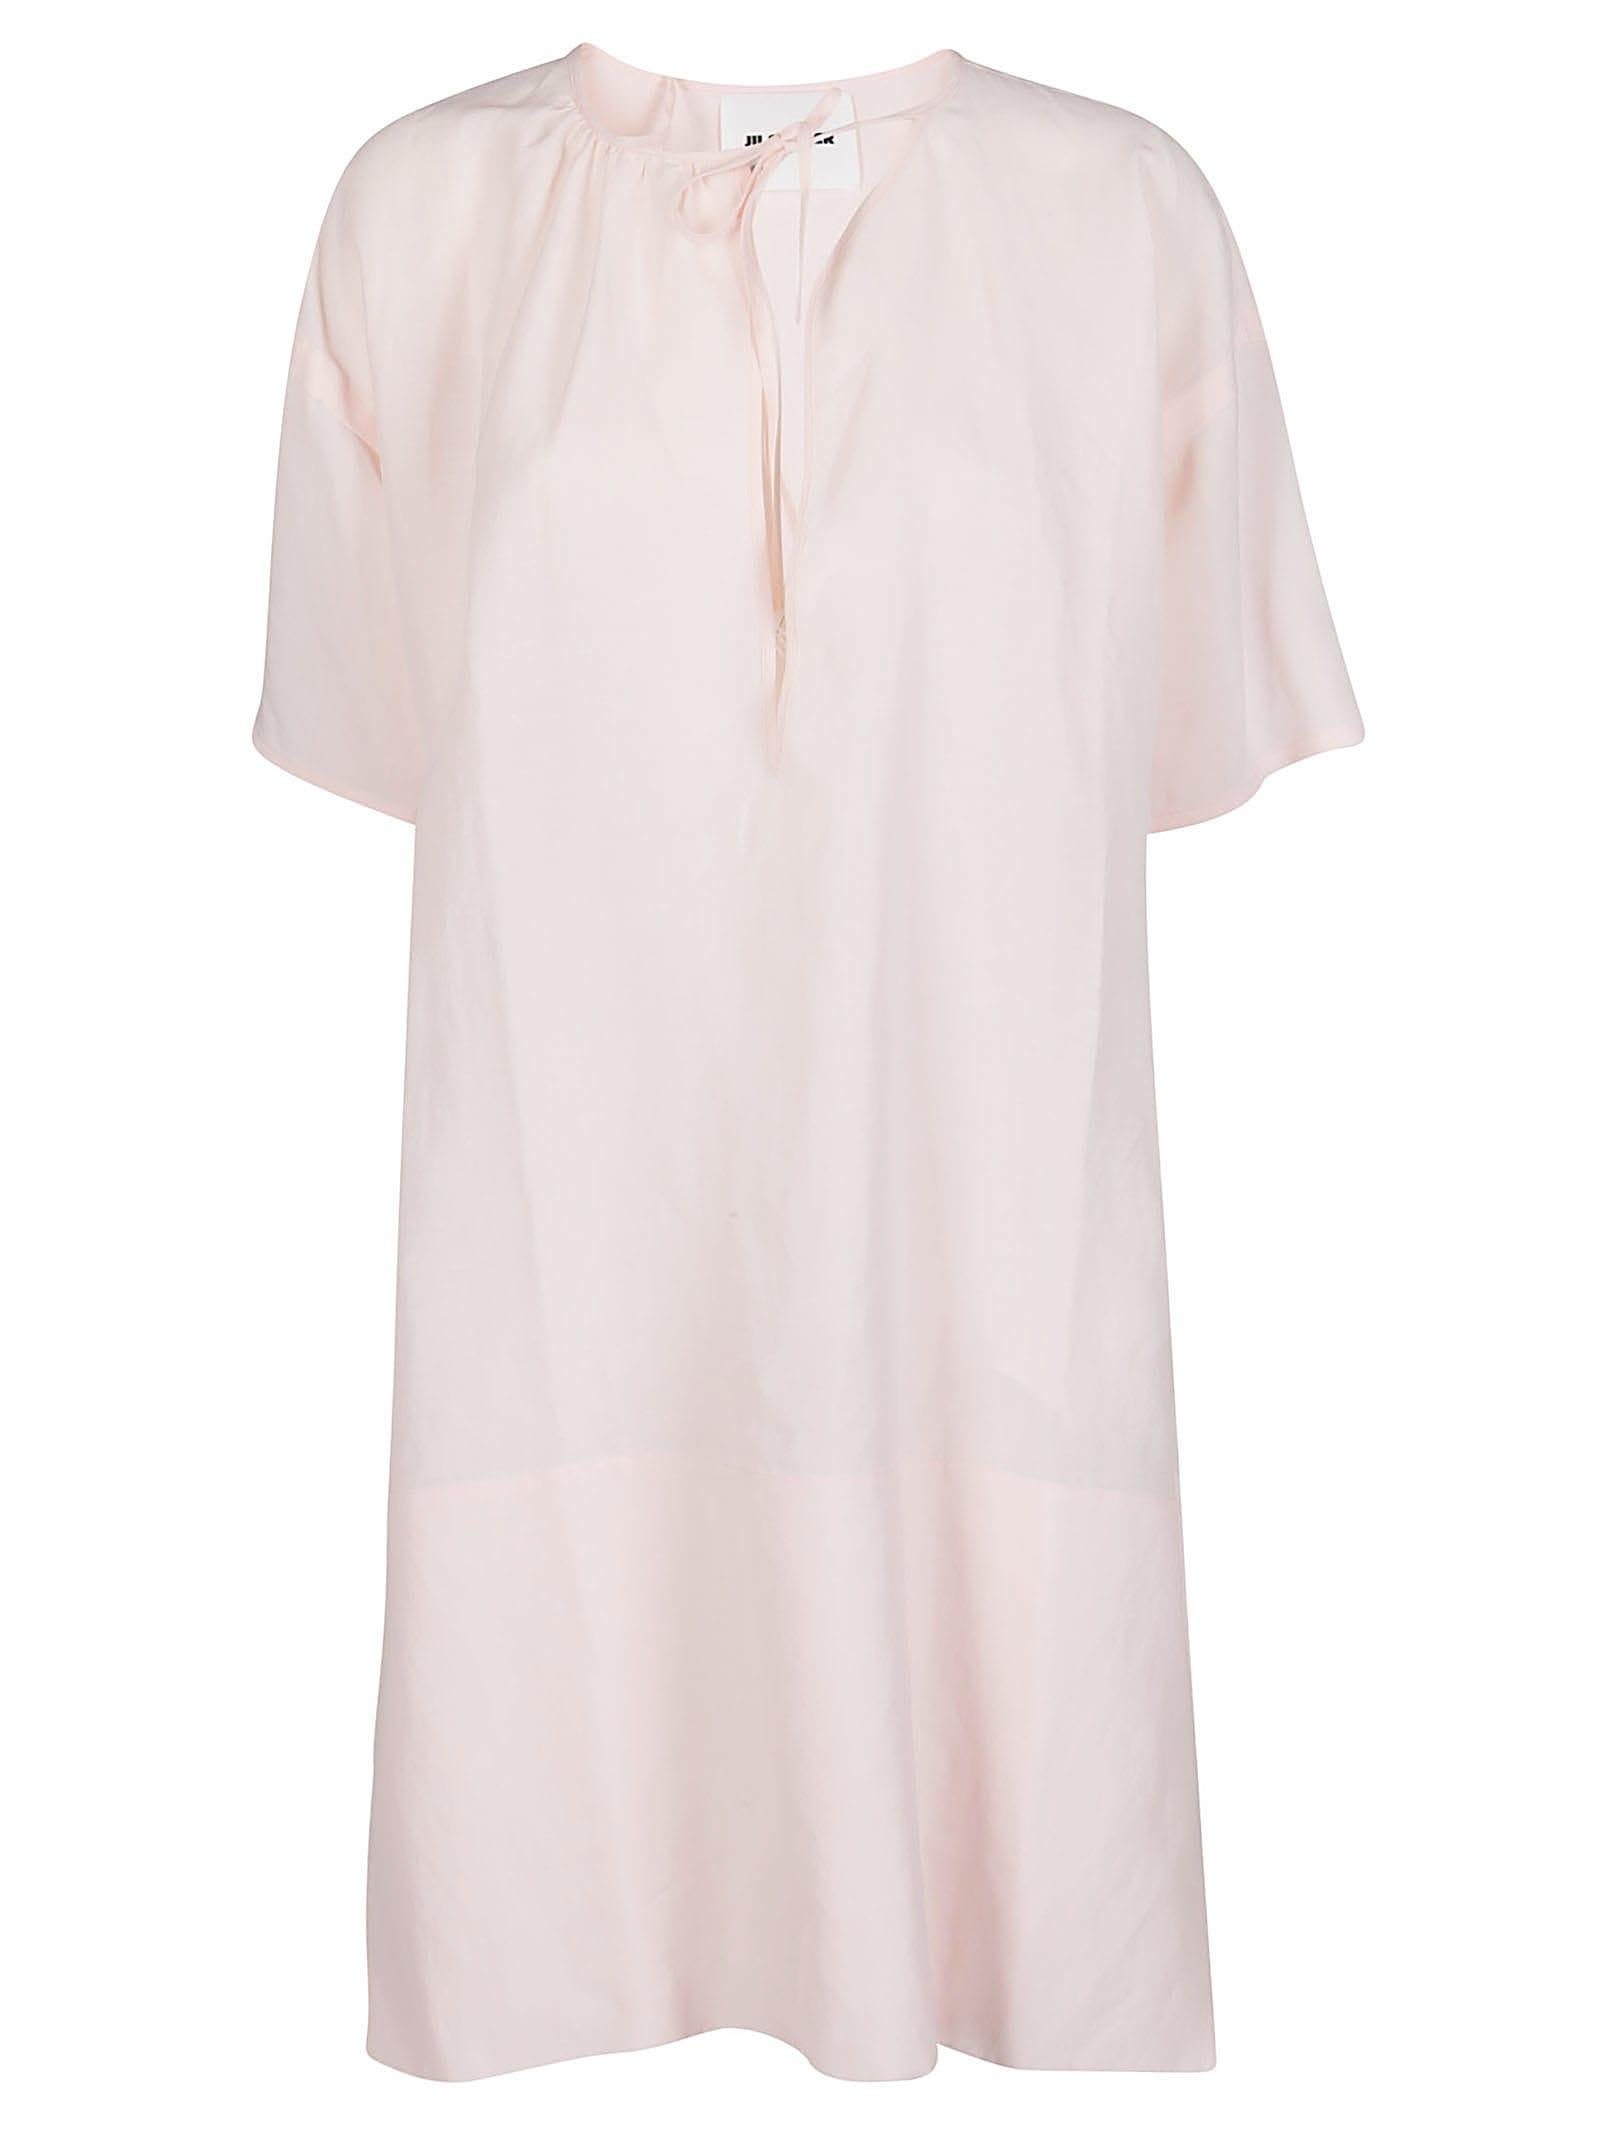 Buy Jil Sander Ligth Pink Viscose-linen Blend Dress online, shop Jil Sander with free shipping